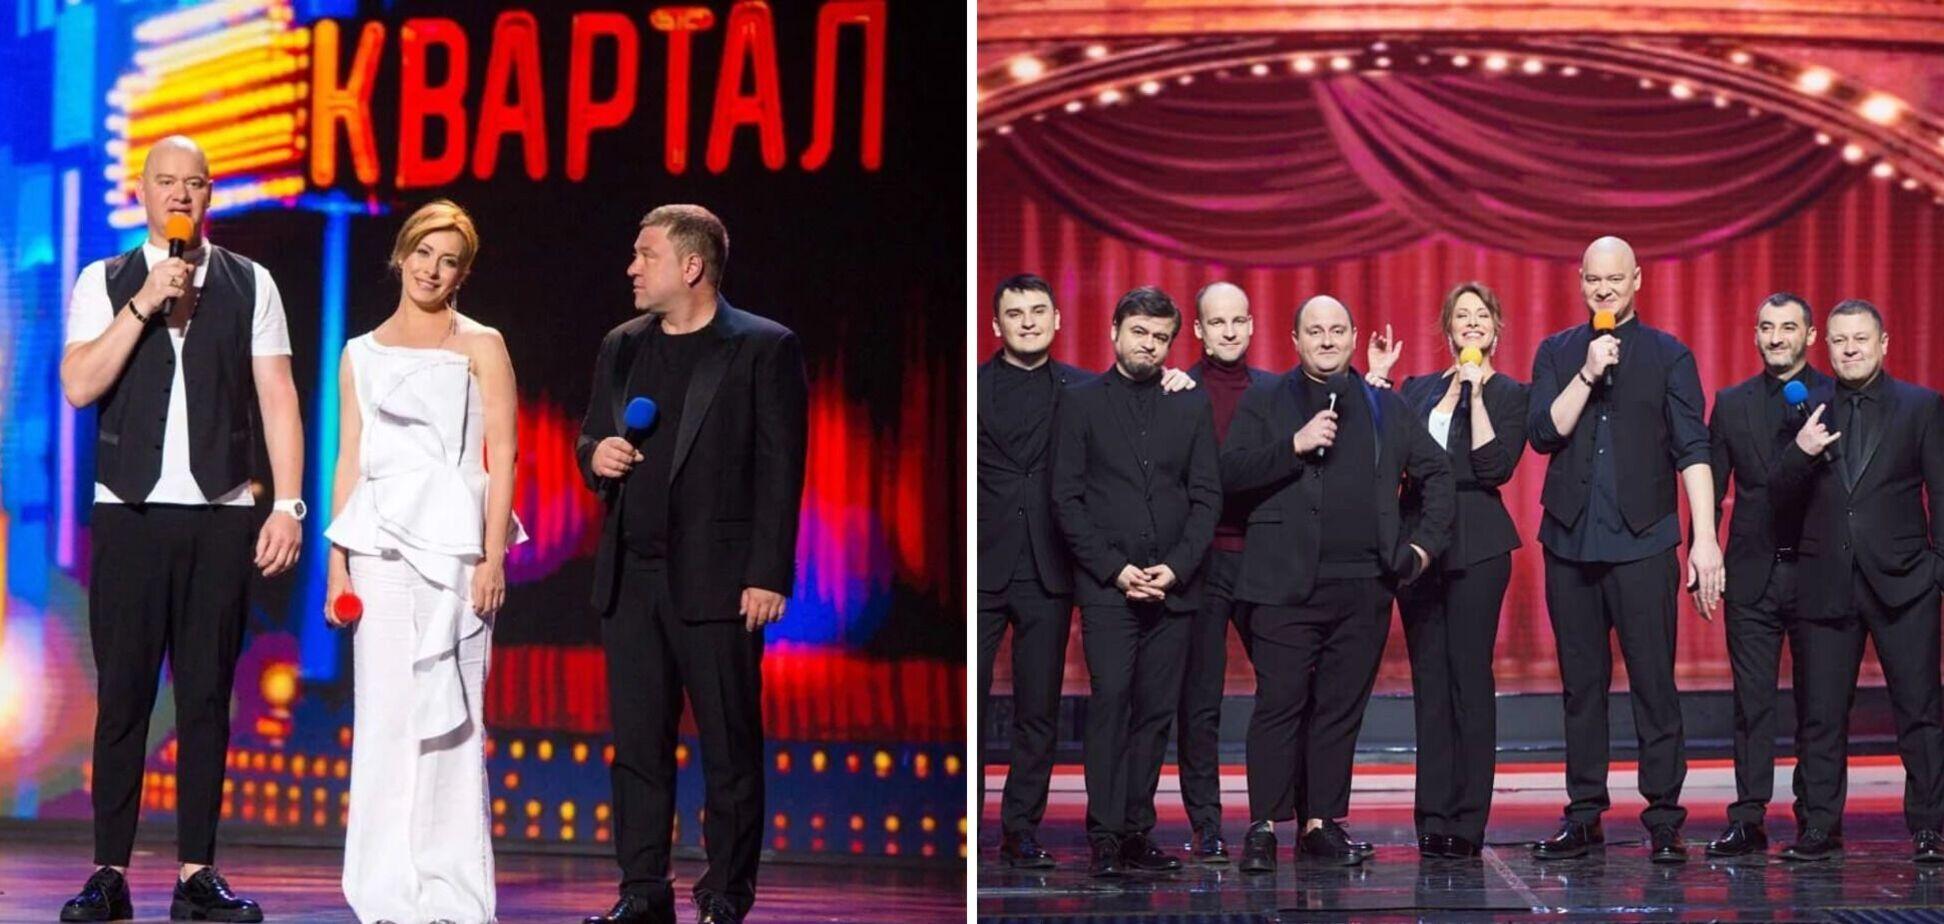 'Квартал 95' переходит на украинский язык: что измениться в шоу